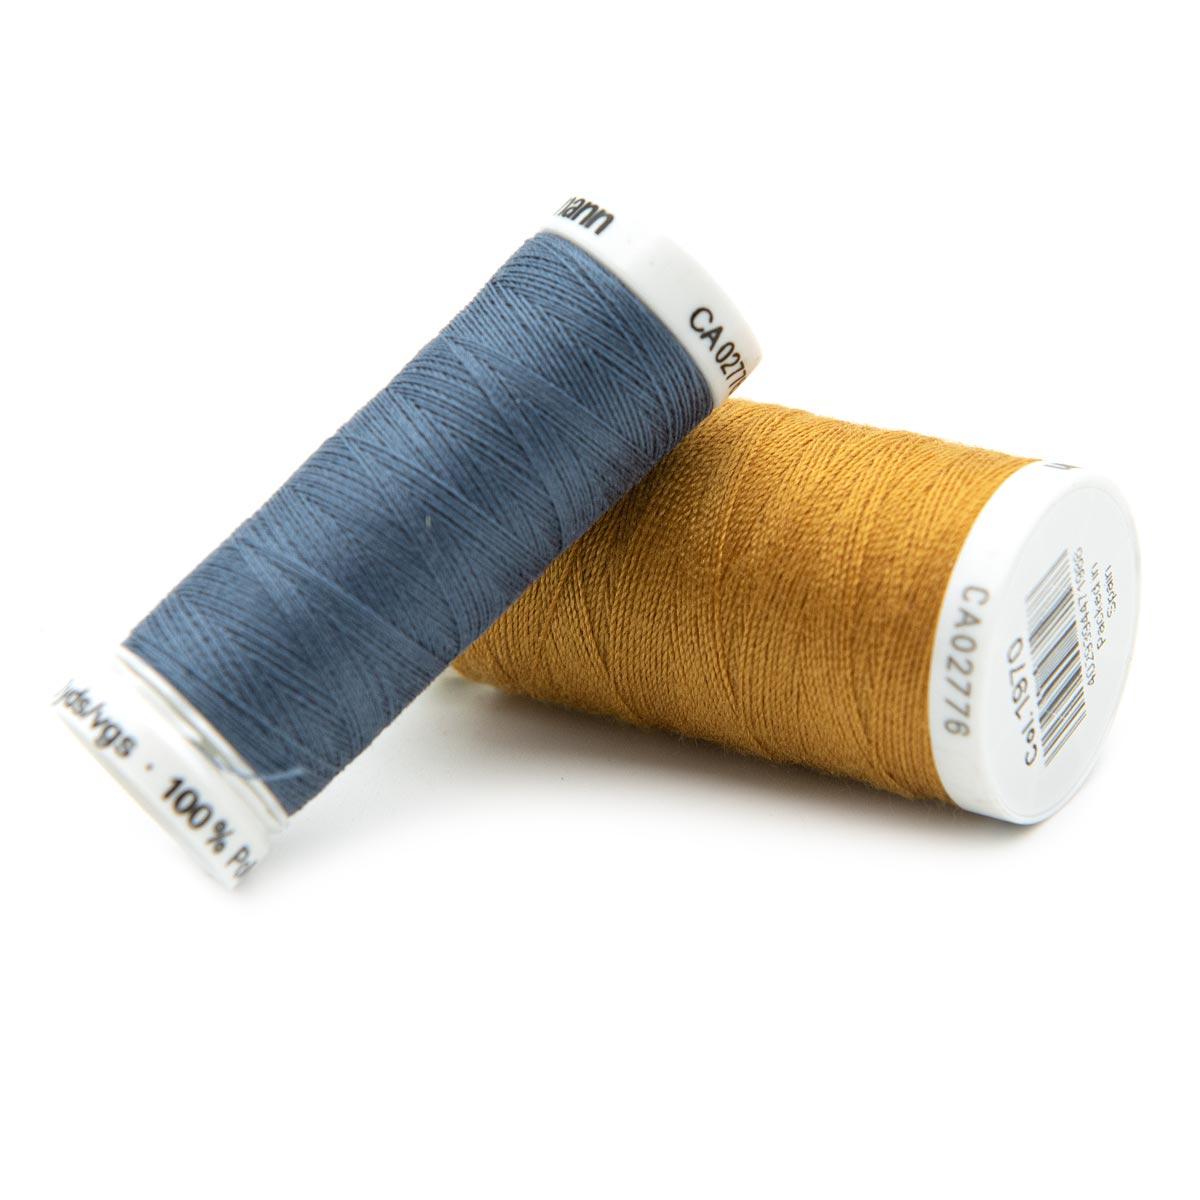 Набор нитей 'Джинсовый' (для пошива изделий из джинсовых тканей) 2 шт/упак Гутерманн, Ассорти 1